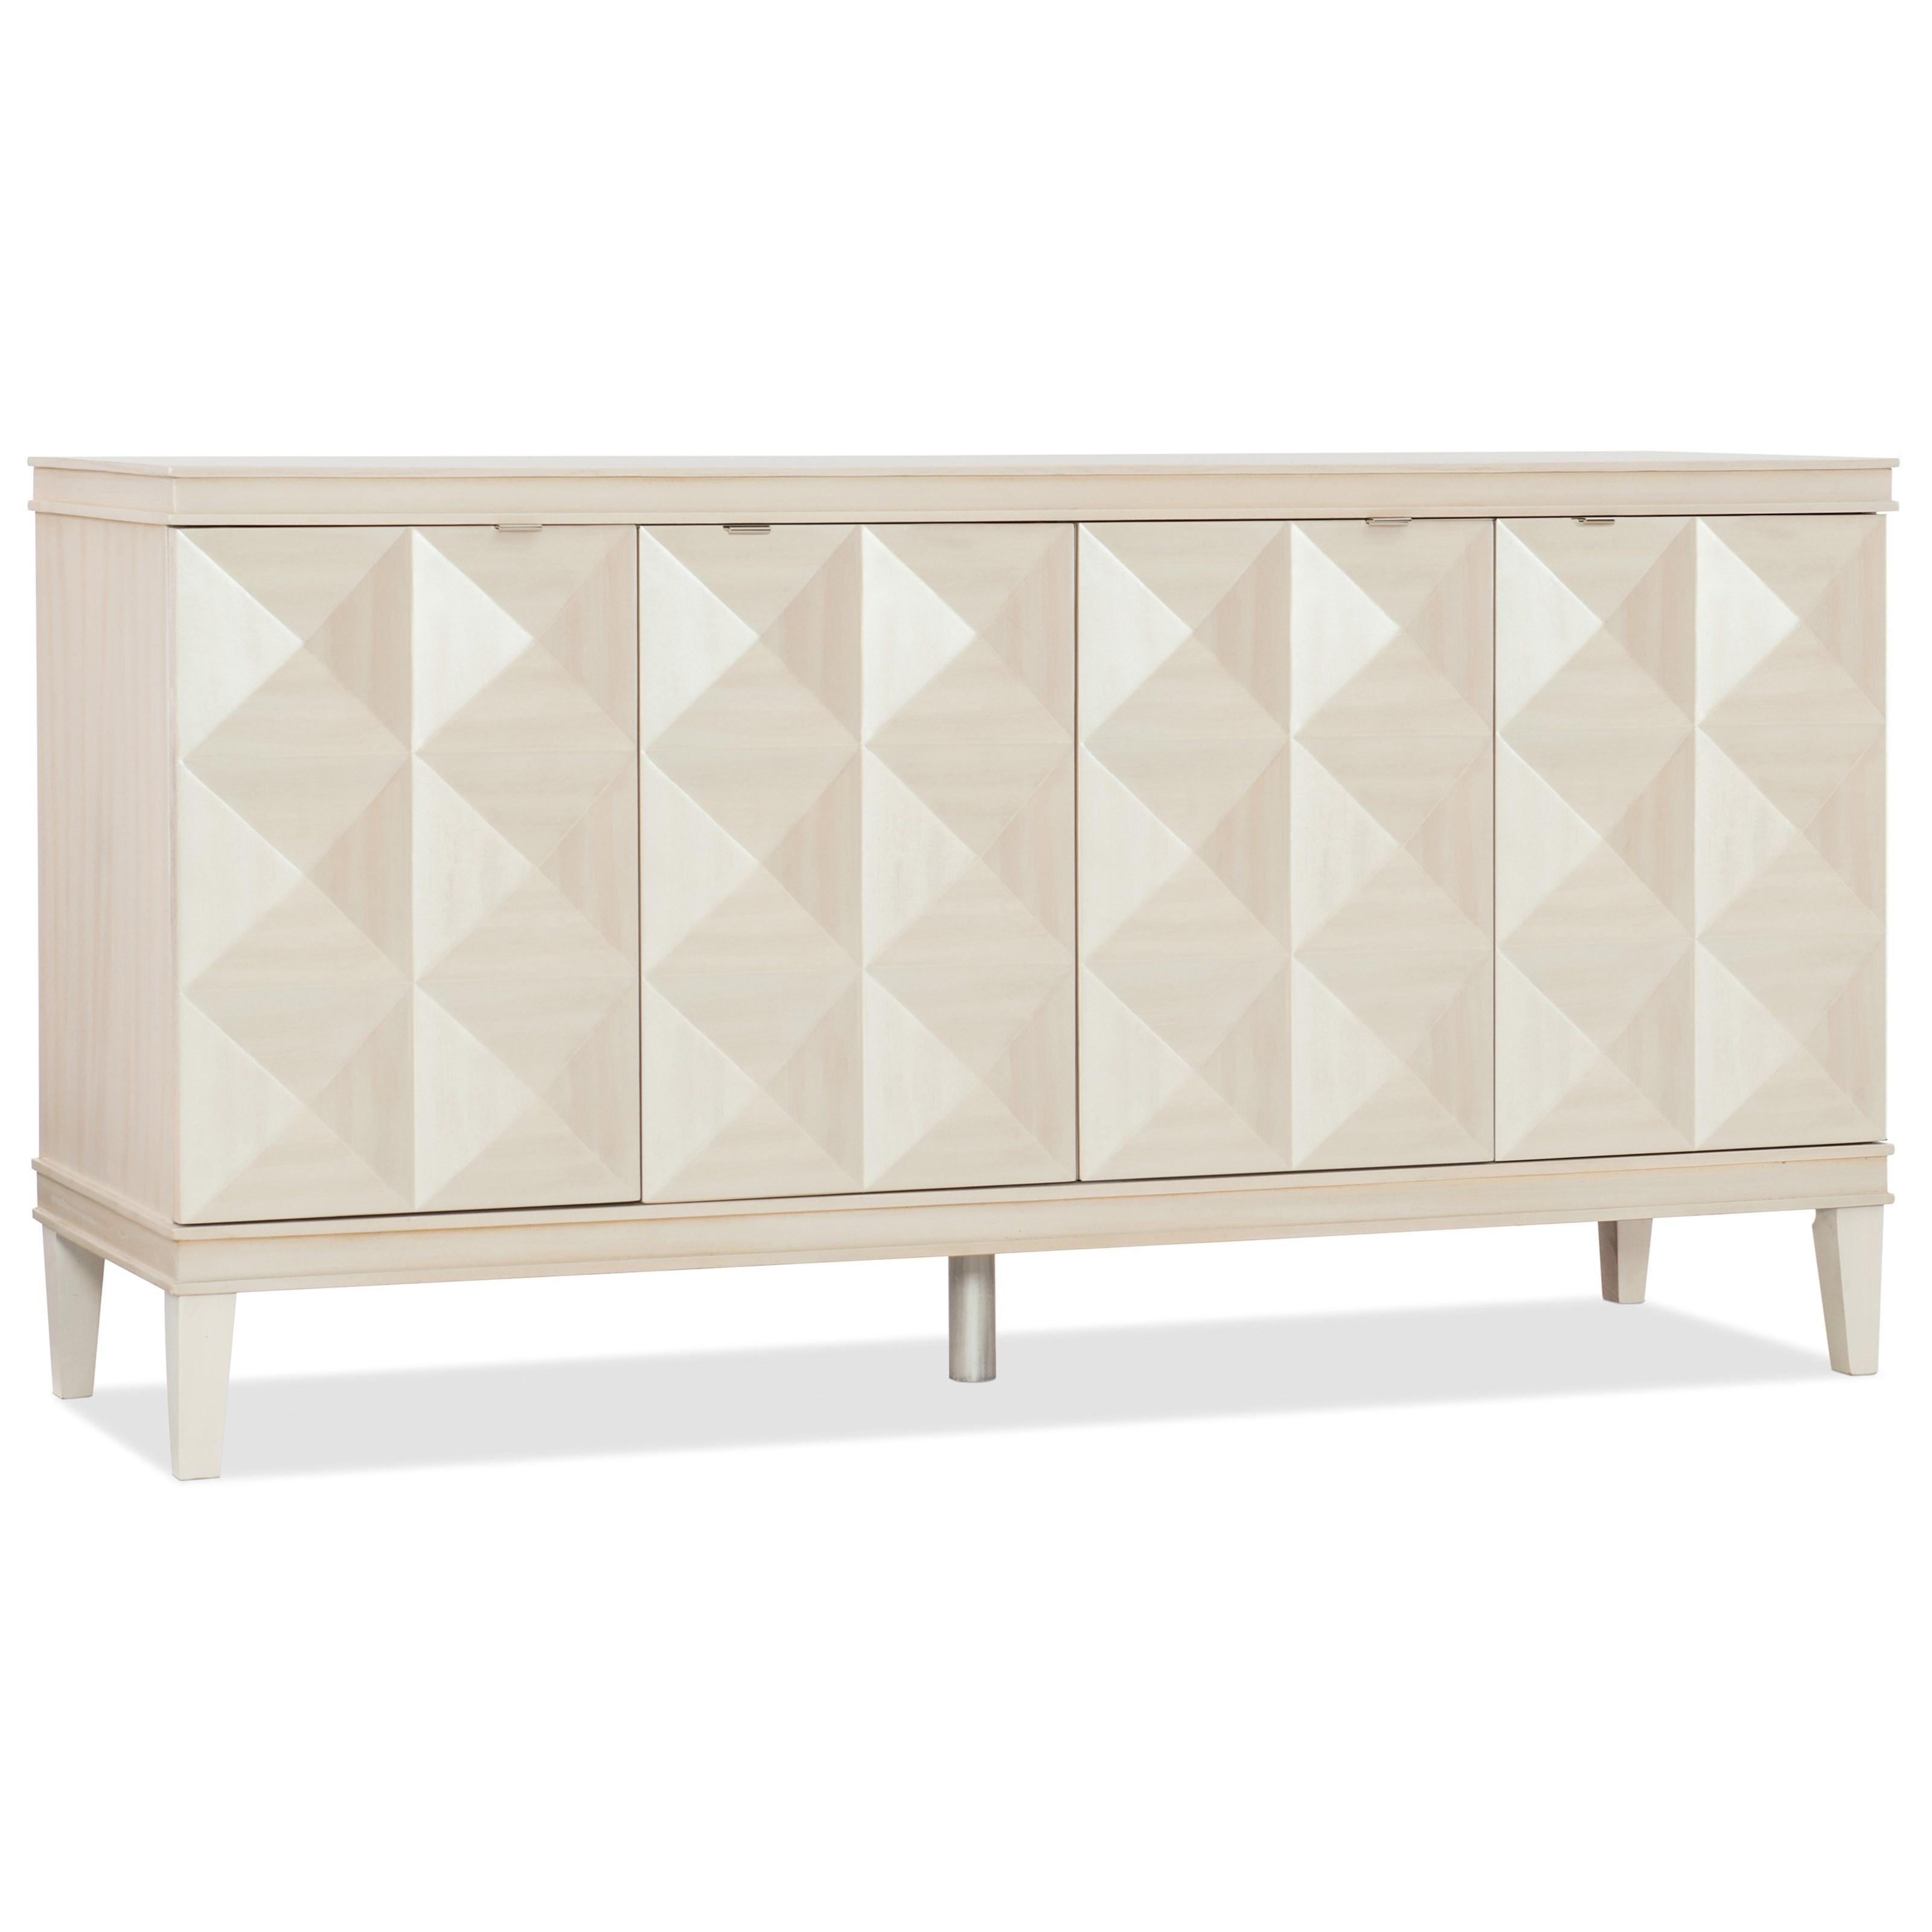 Melange Jinxie Credenza by Hooker Furniture at Baer's Furniture